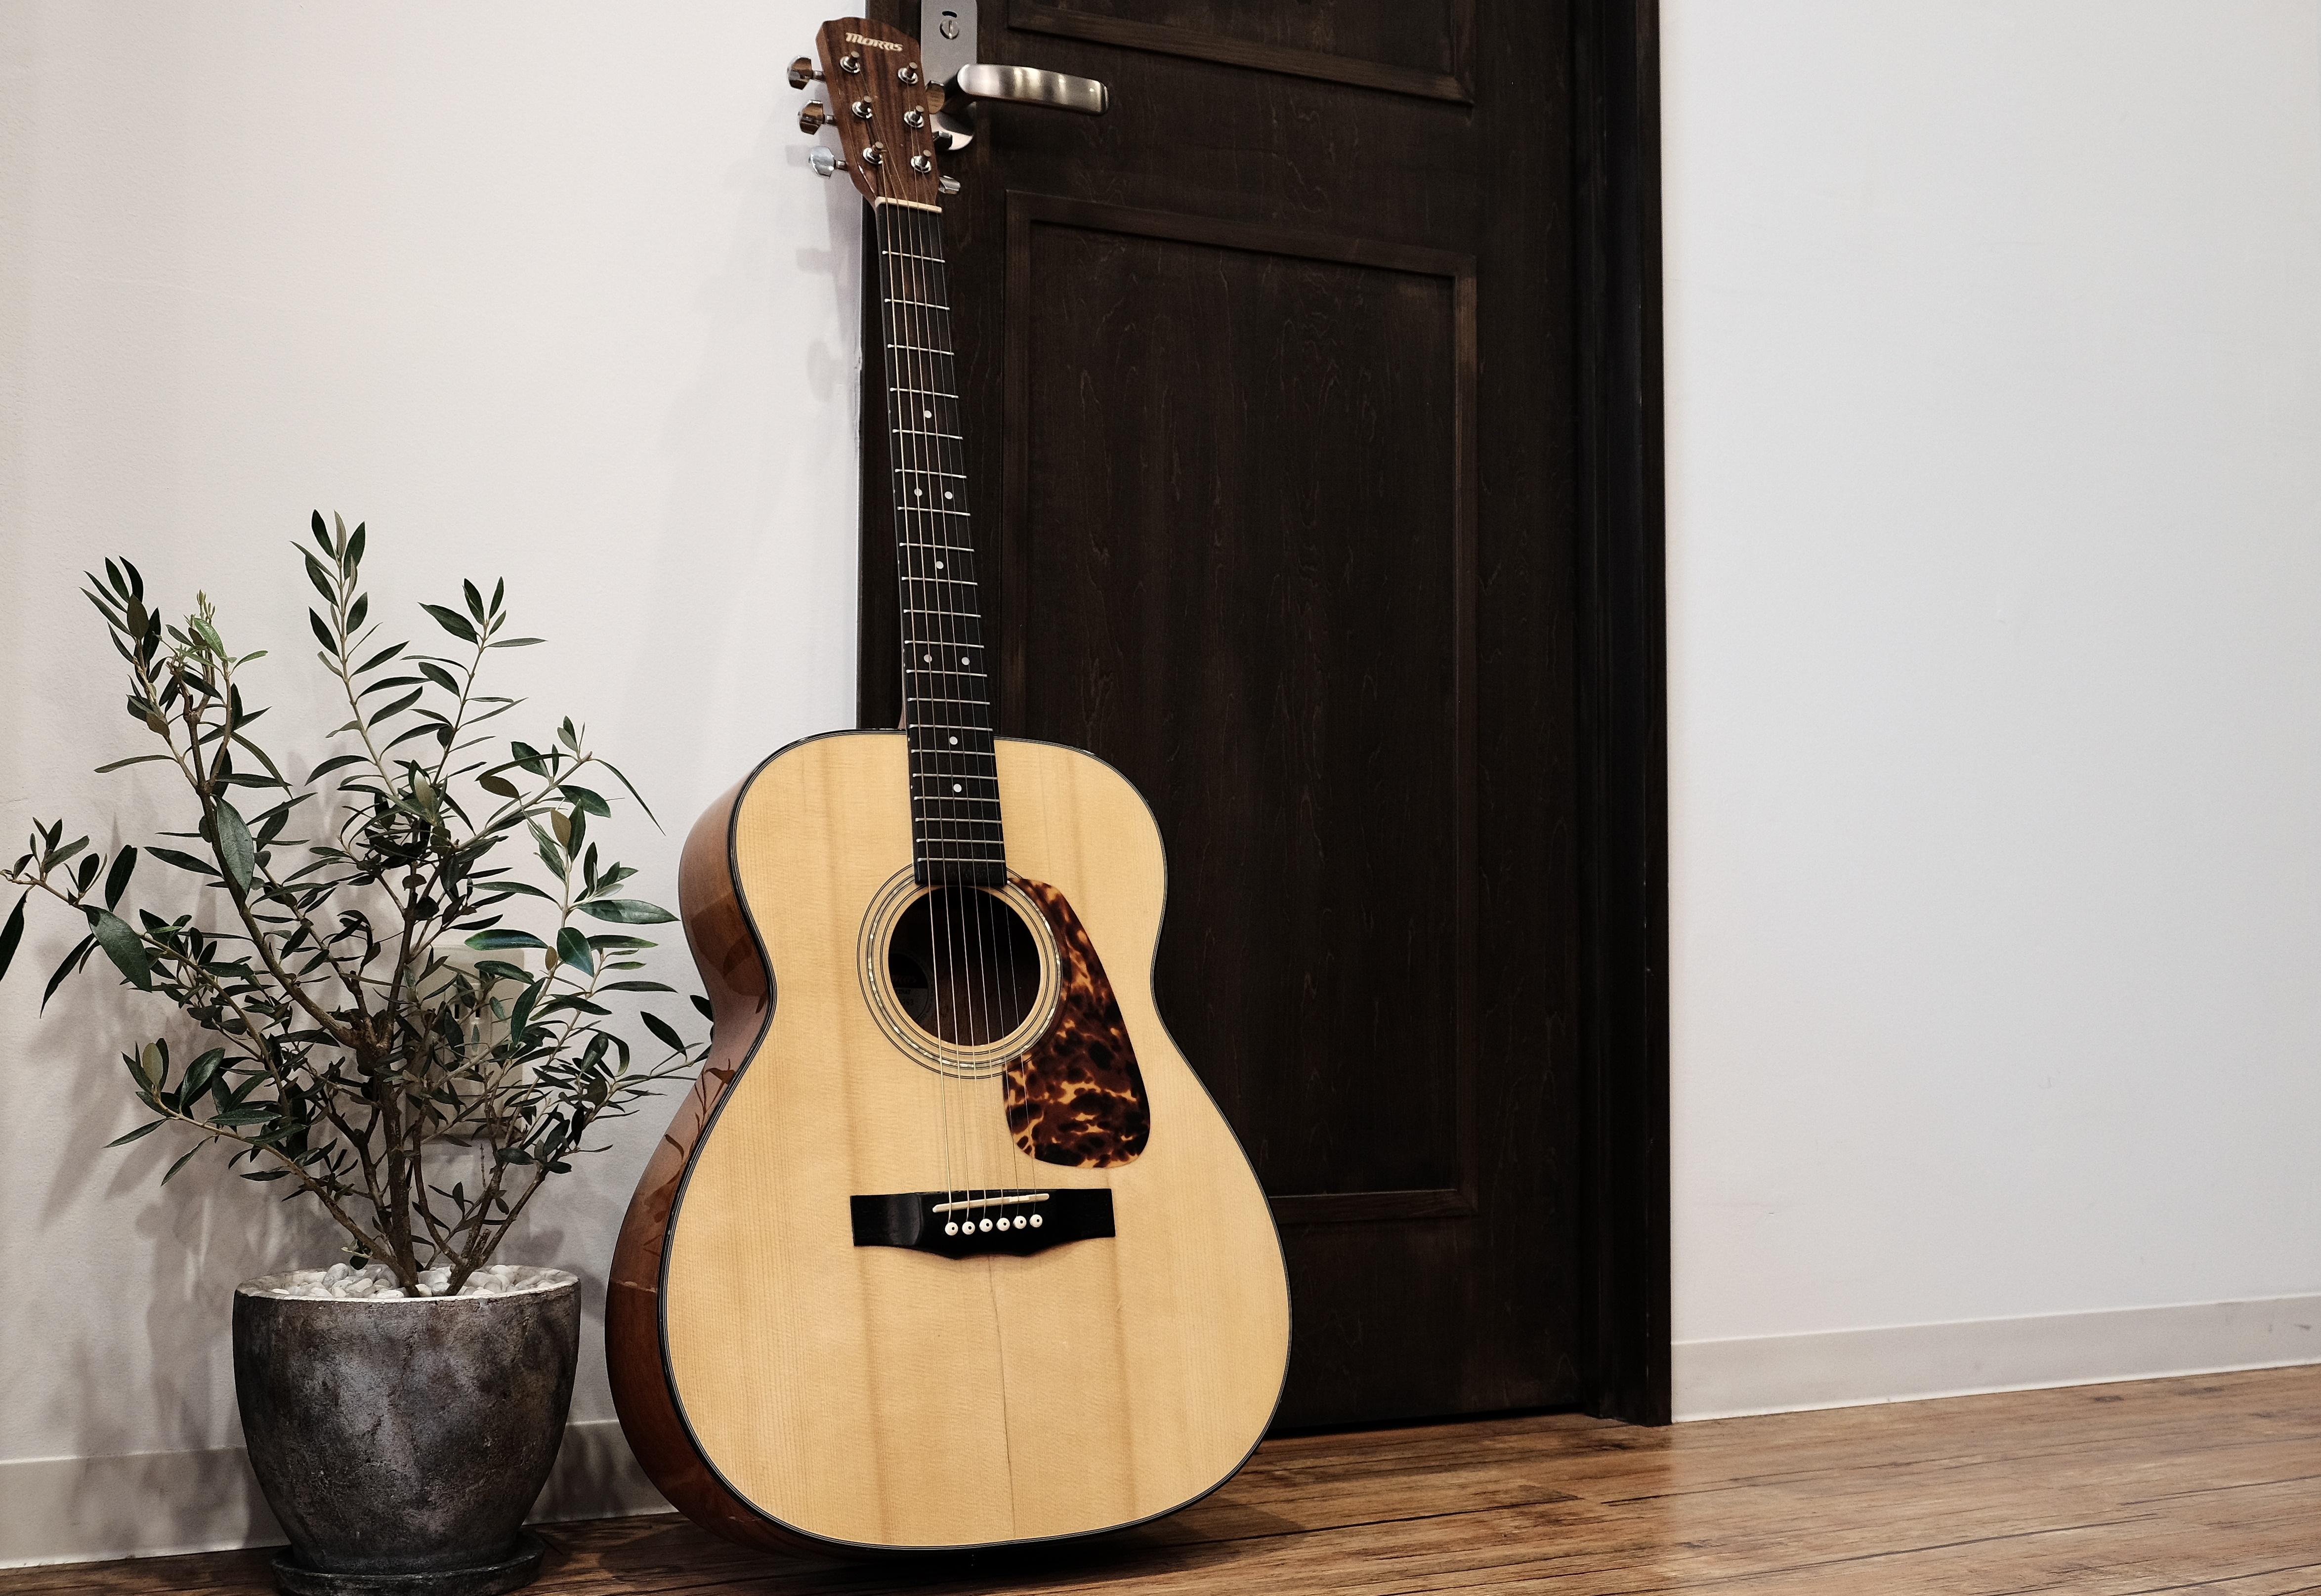 ギタークラシック